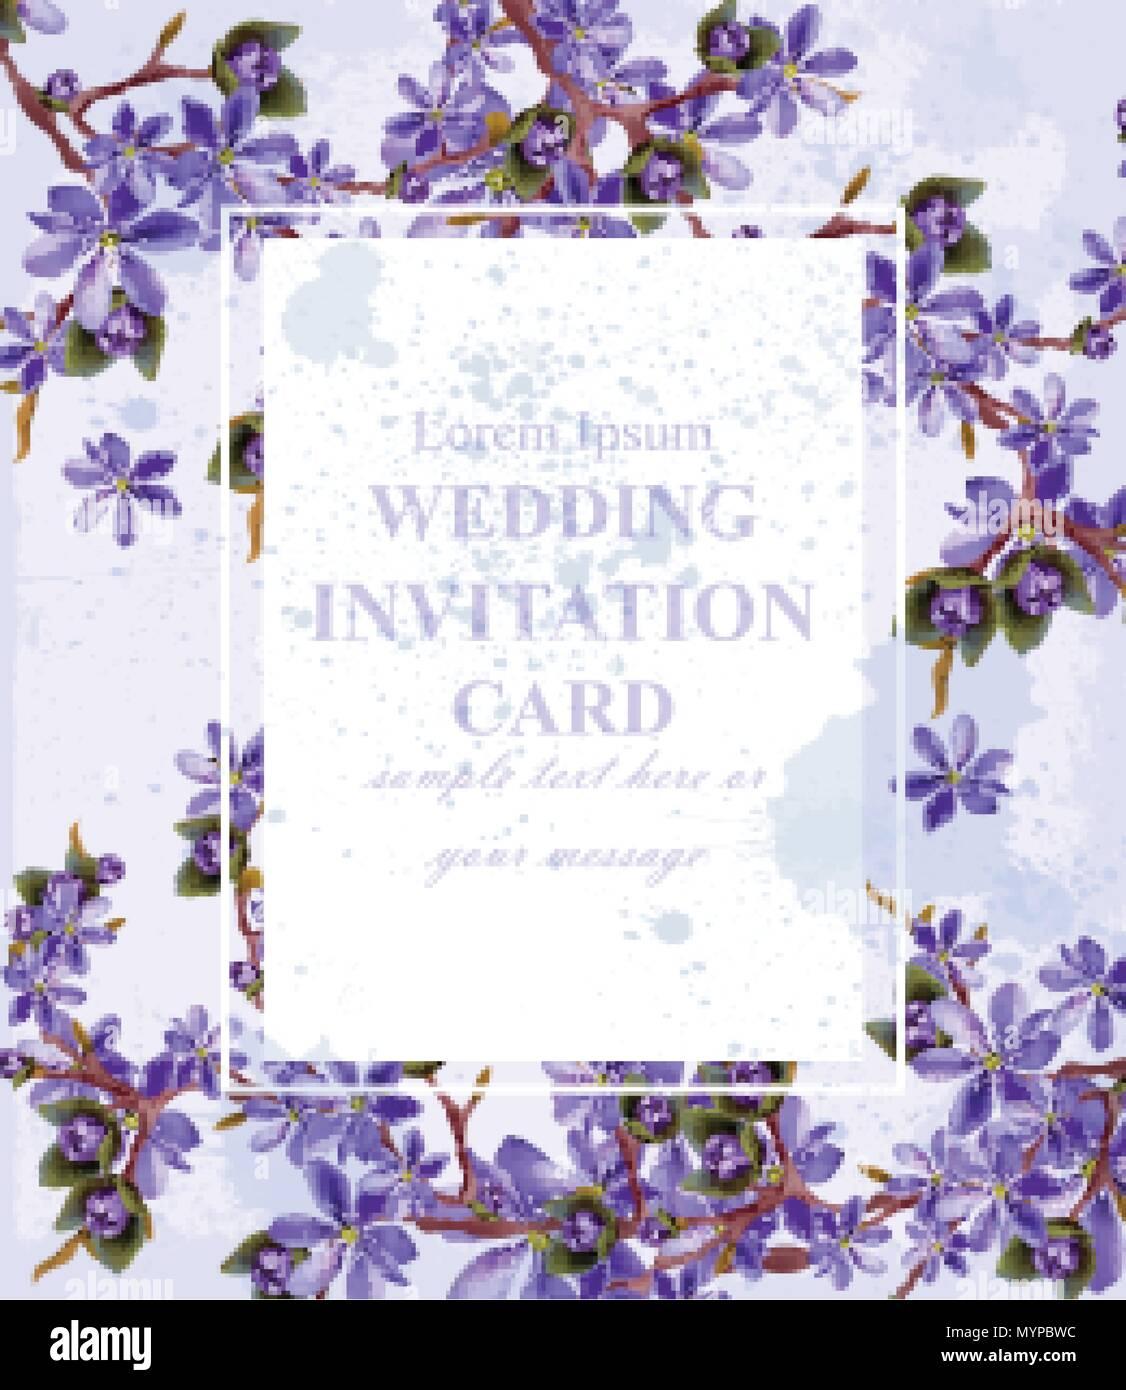 Hochzeit Einladungskarte Mit Lila Bluten Vektor Schone Rahmen